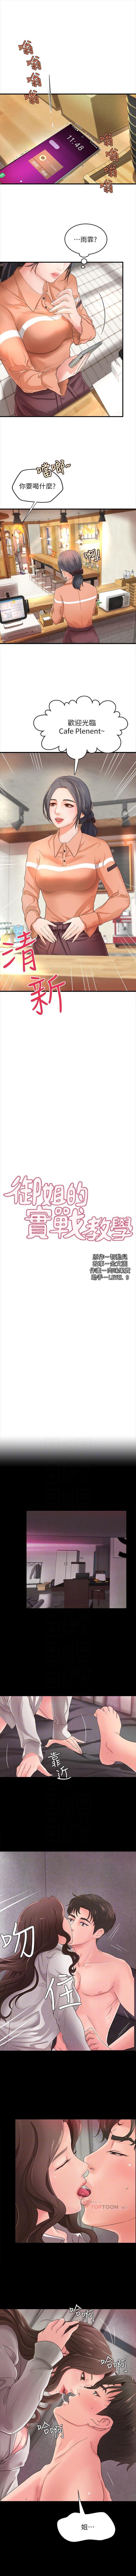 (週1)御姐的實戰教學 1-15 中文翻譯(更新中) 53